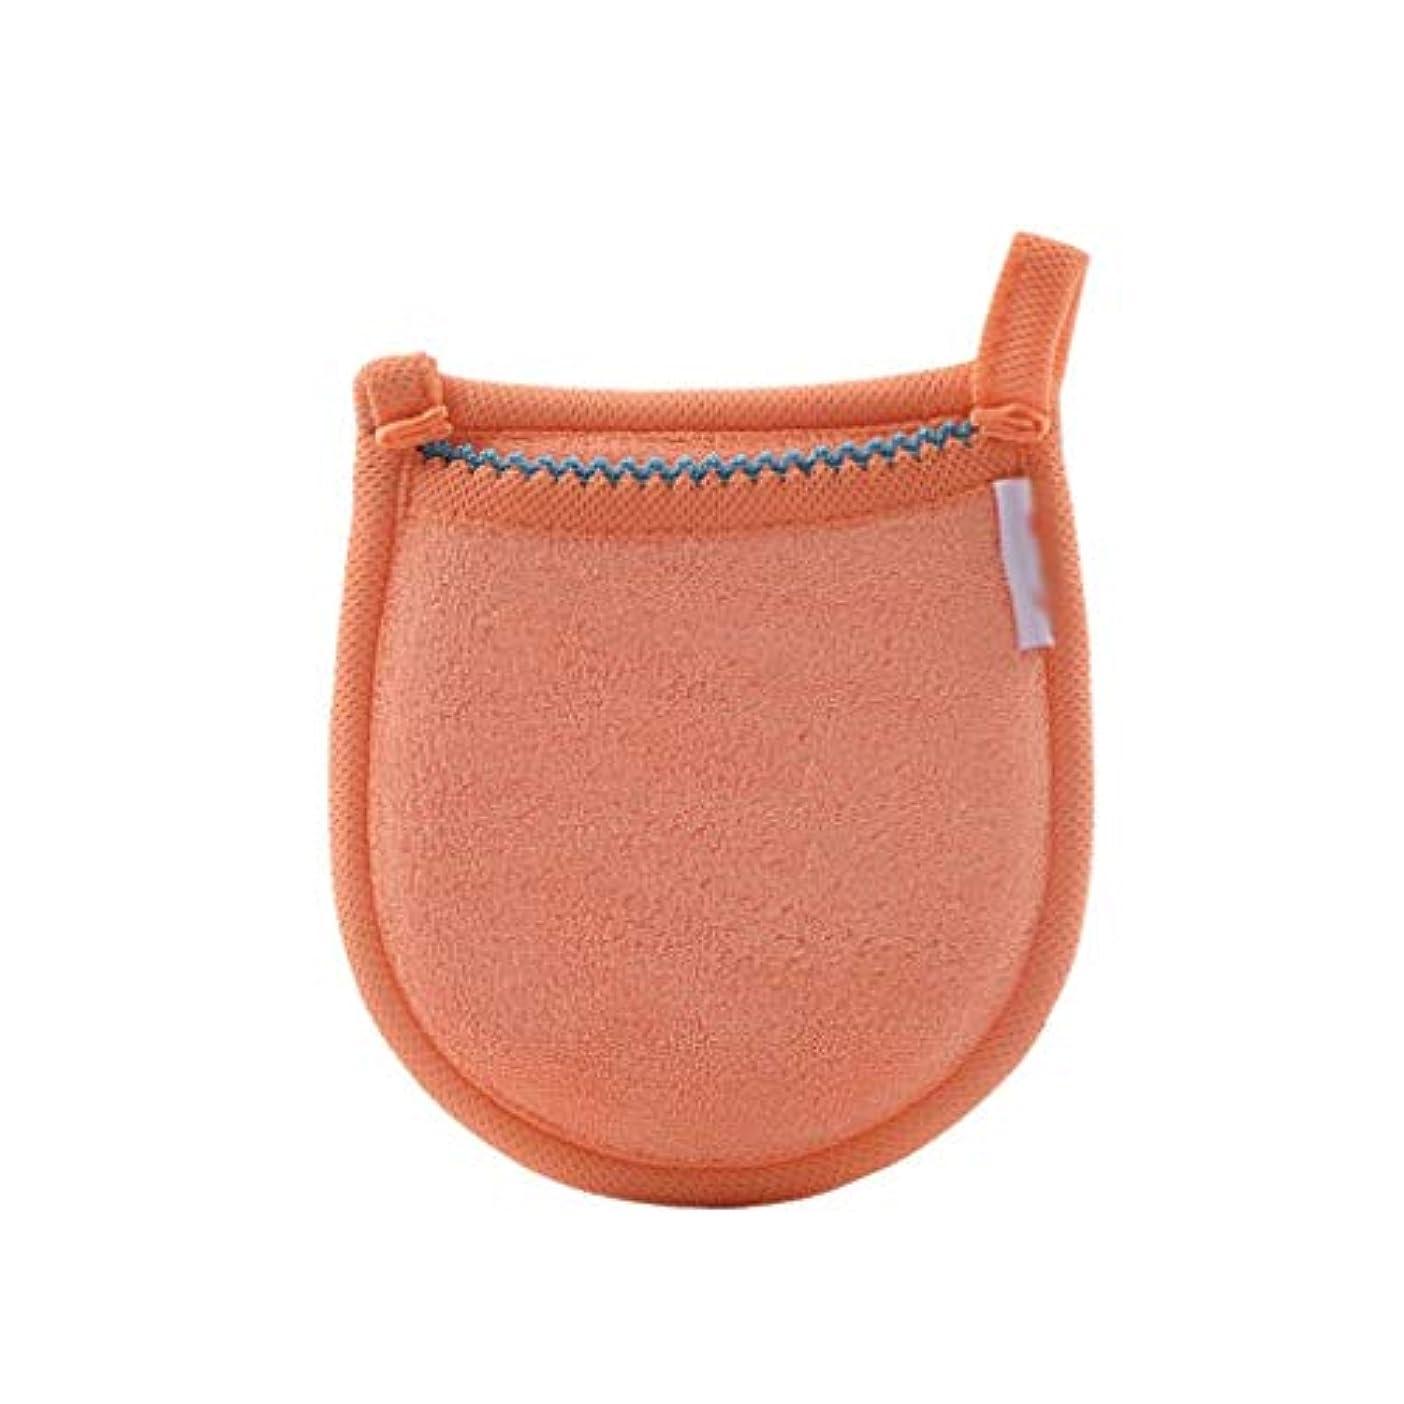 受信機忌避剤メール1ピースフェイシャル竹炭スポンジフェイスメイク落とし美容再利用可能なフェイスタオルクリーニンググローブ洗濯メイクアップツール (Color : Orange)